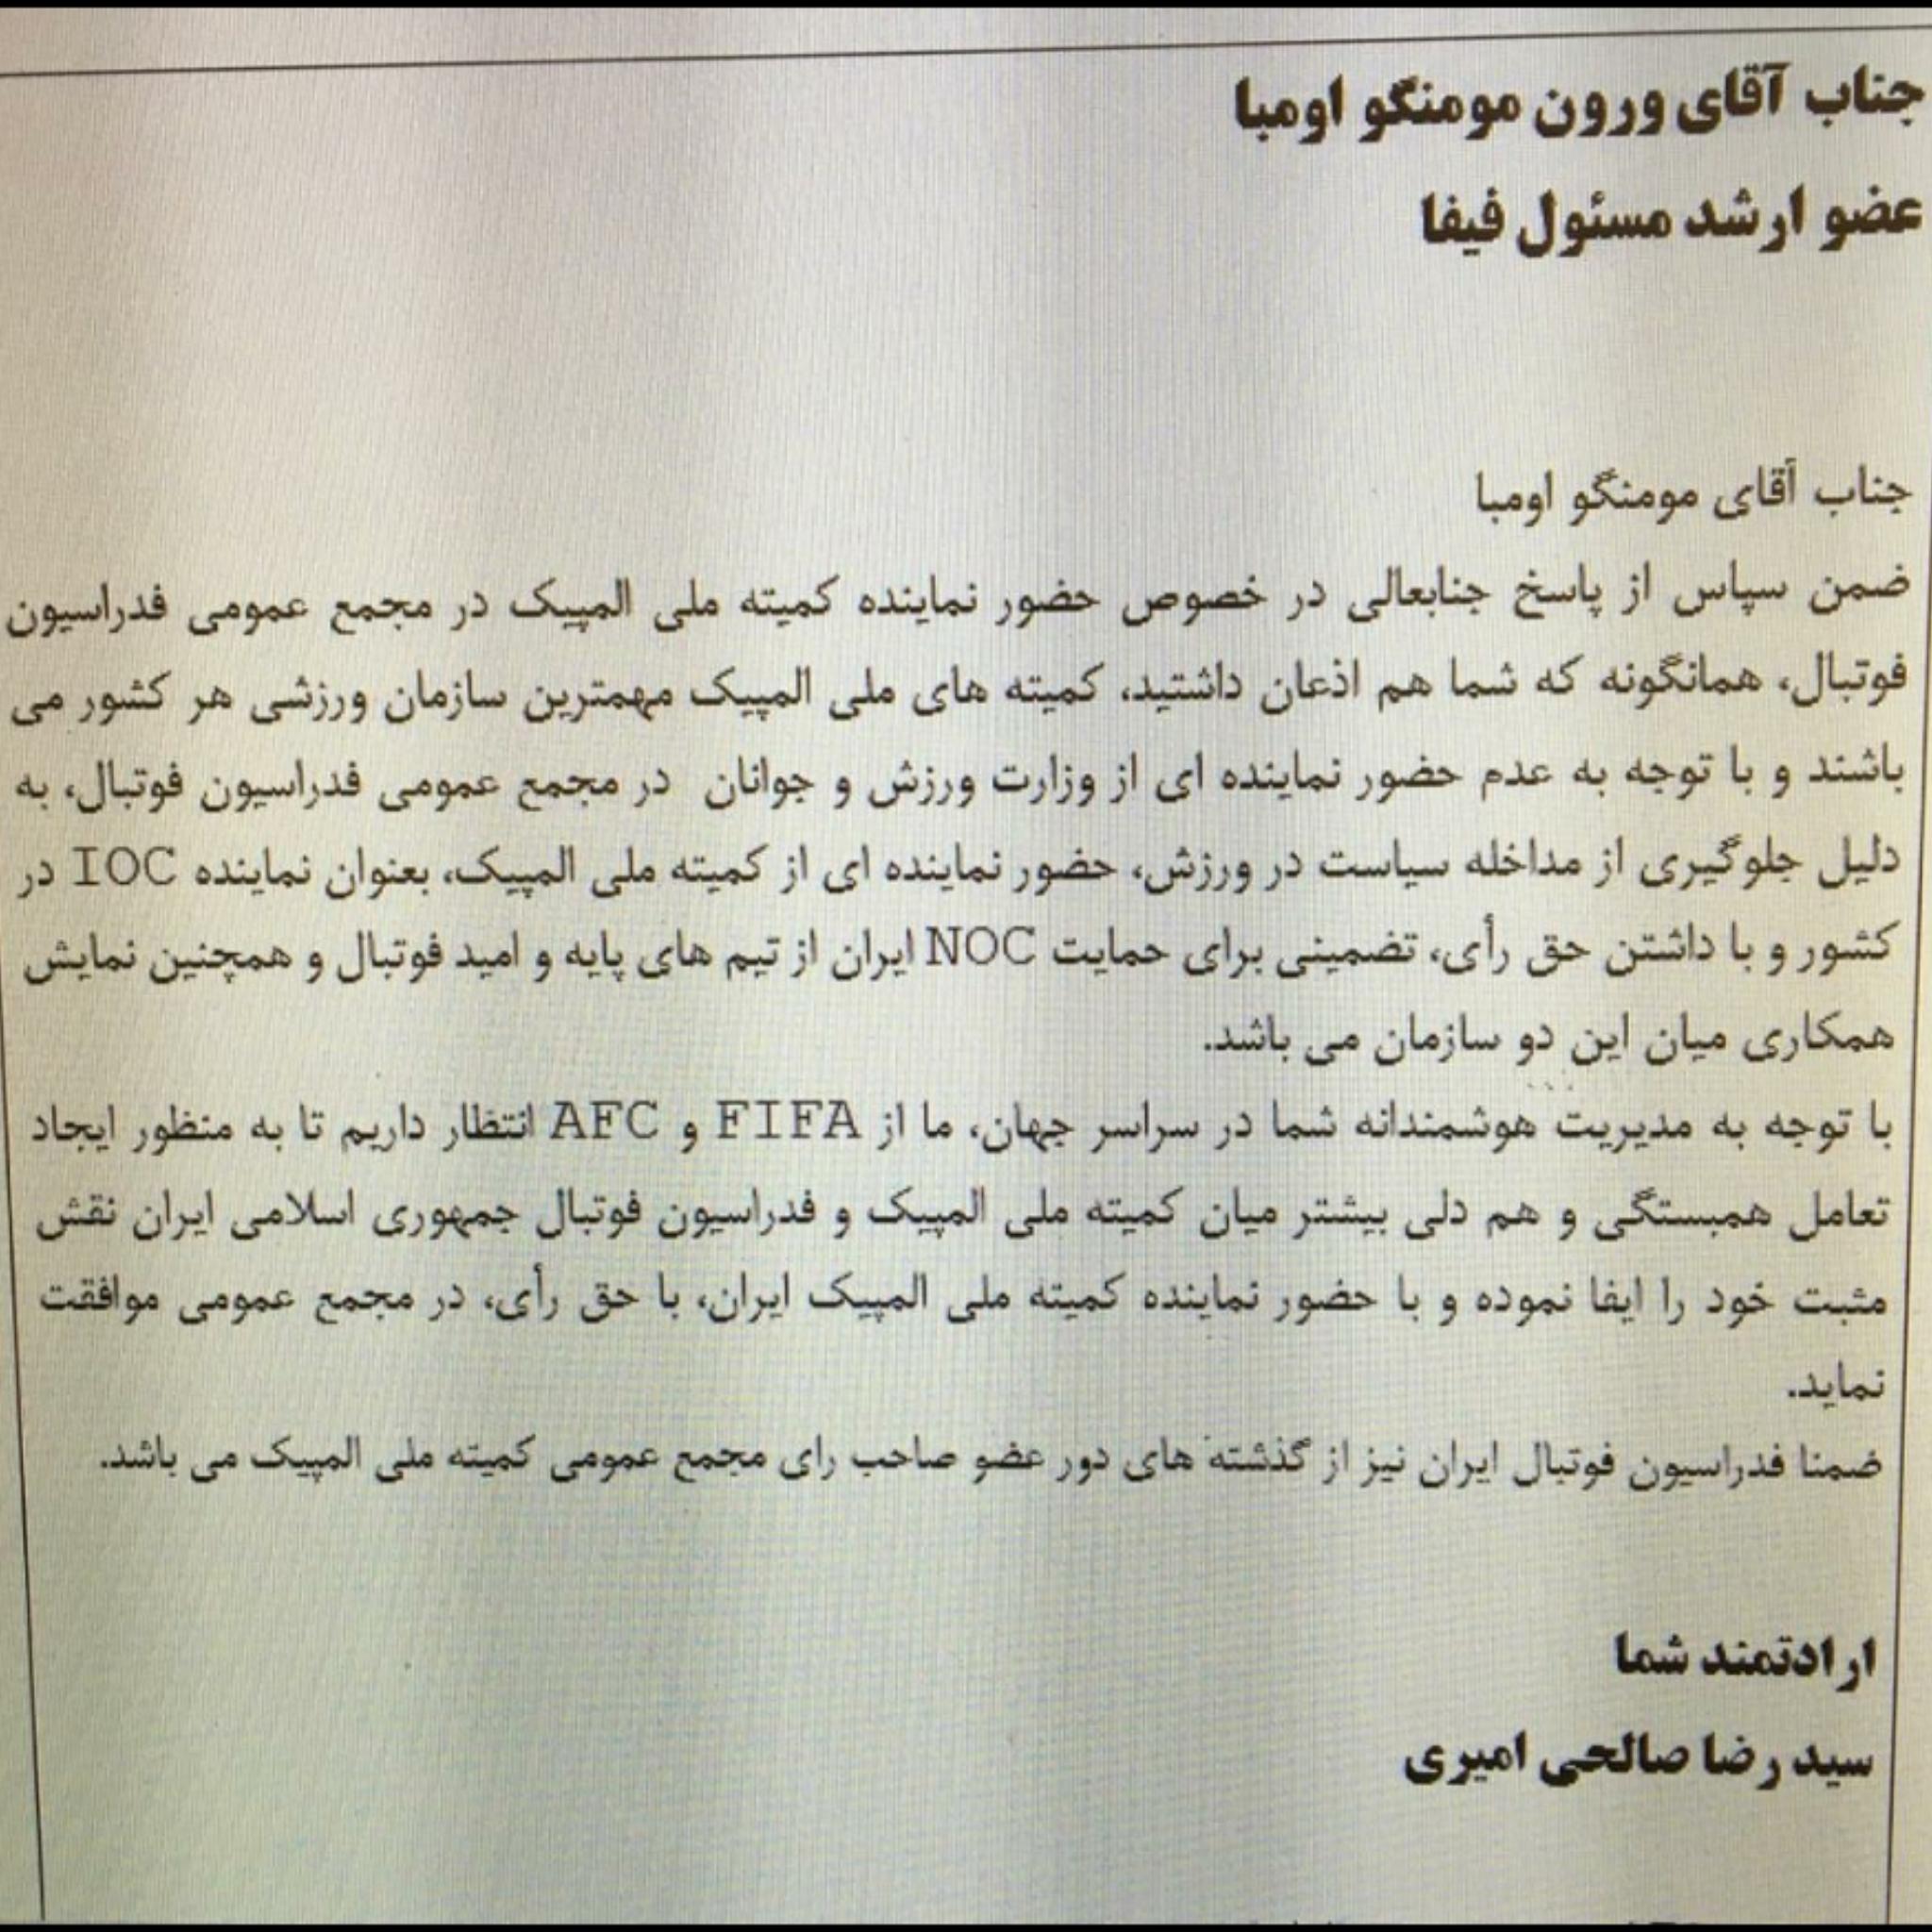 نامه جدید صالحی امیری به مقامات فیفا؛ حق رای میخواهیم